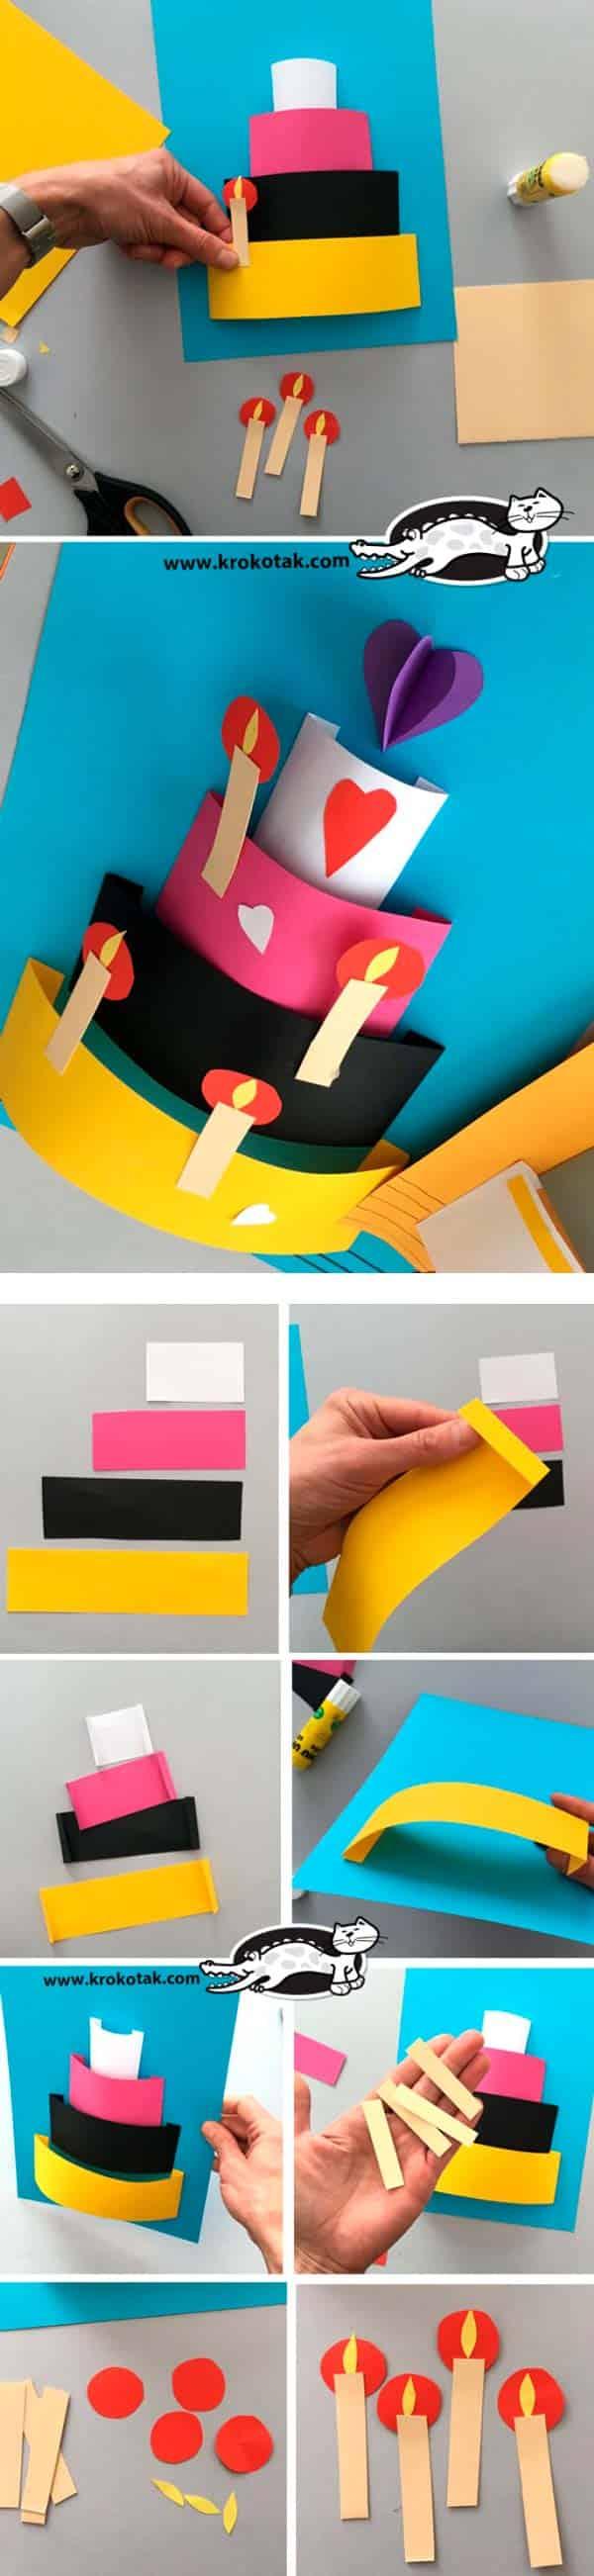 Торт түріндегі 3D картасы